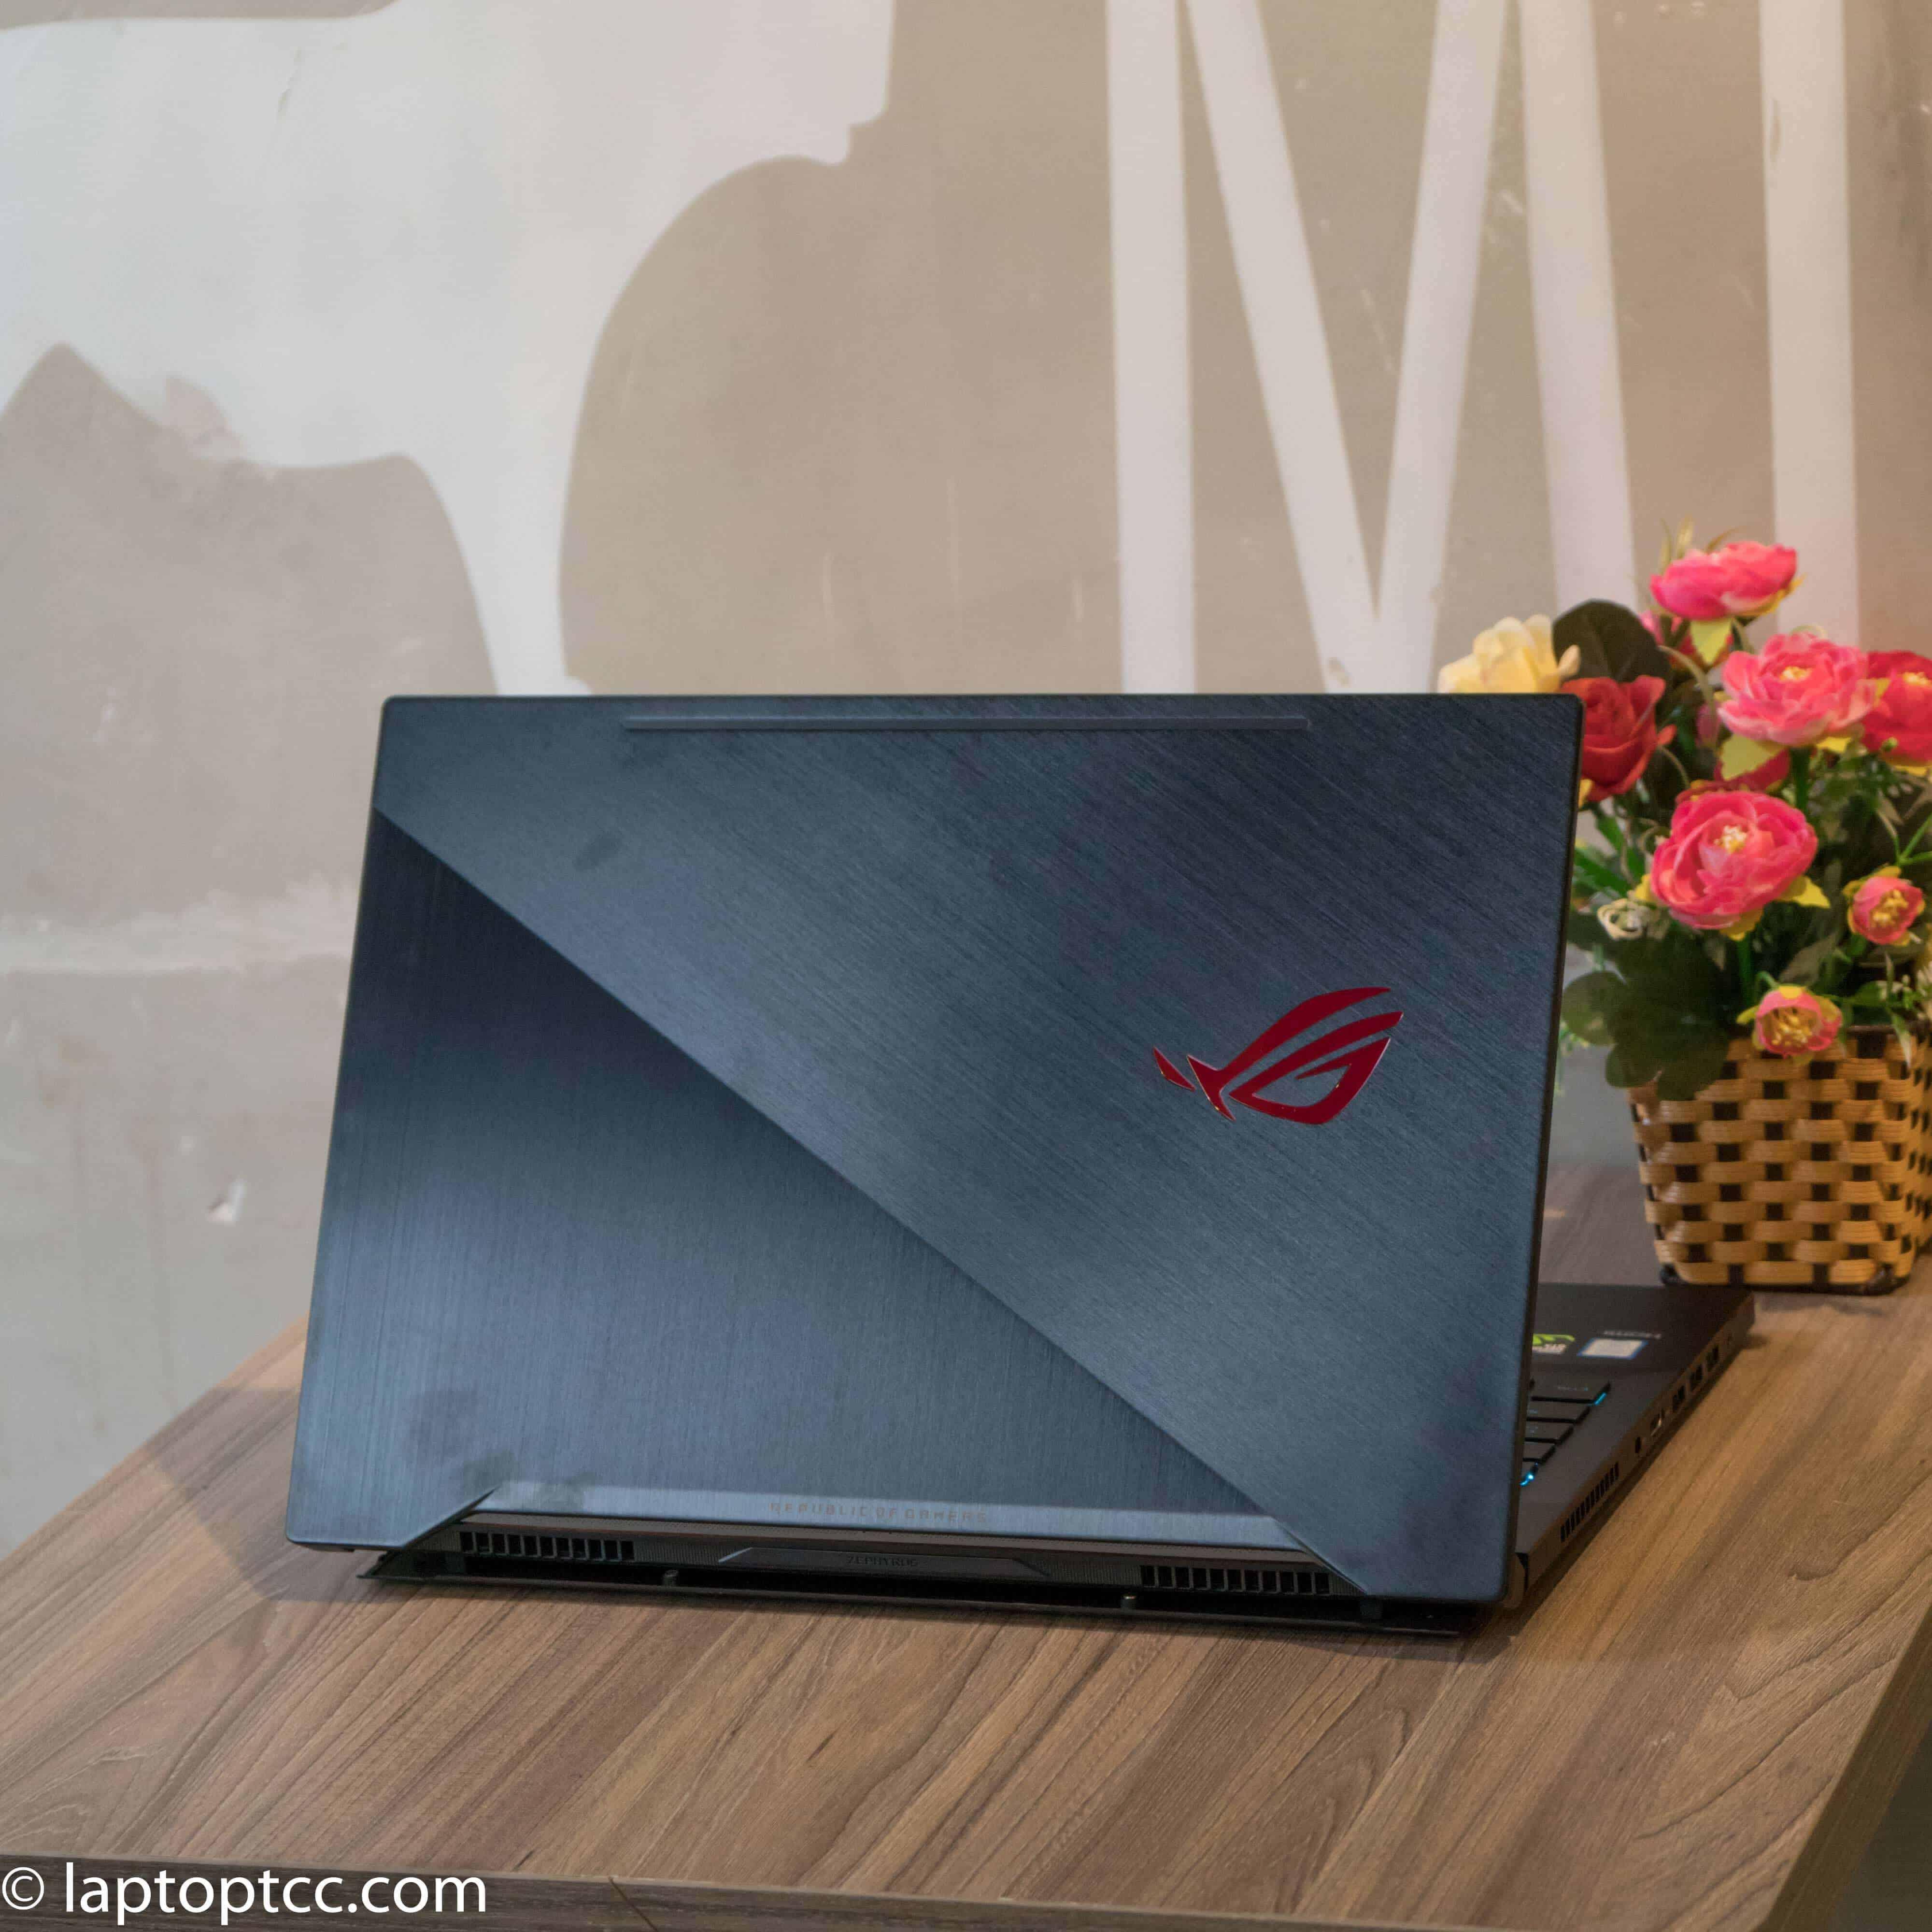 Laptop TCC ASUS ROG Zephyrus M GM501 (33)